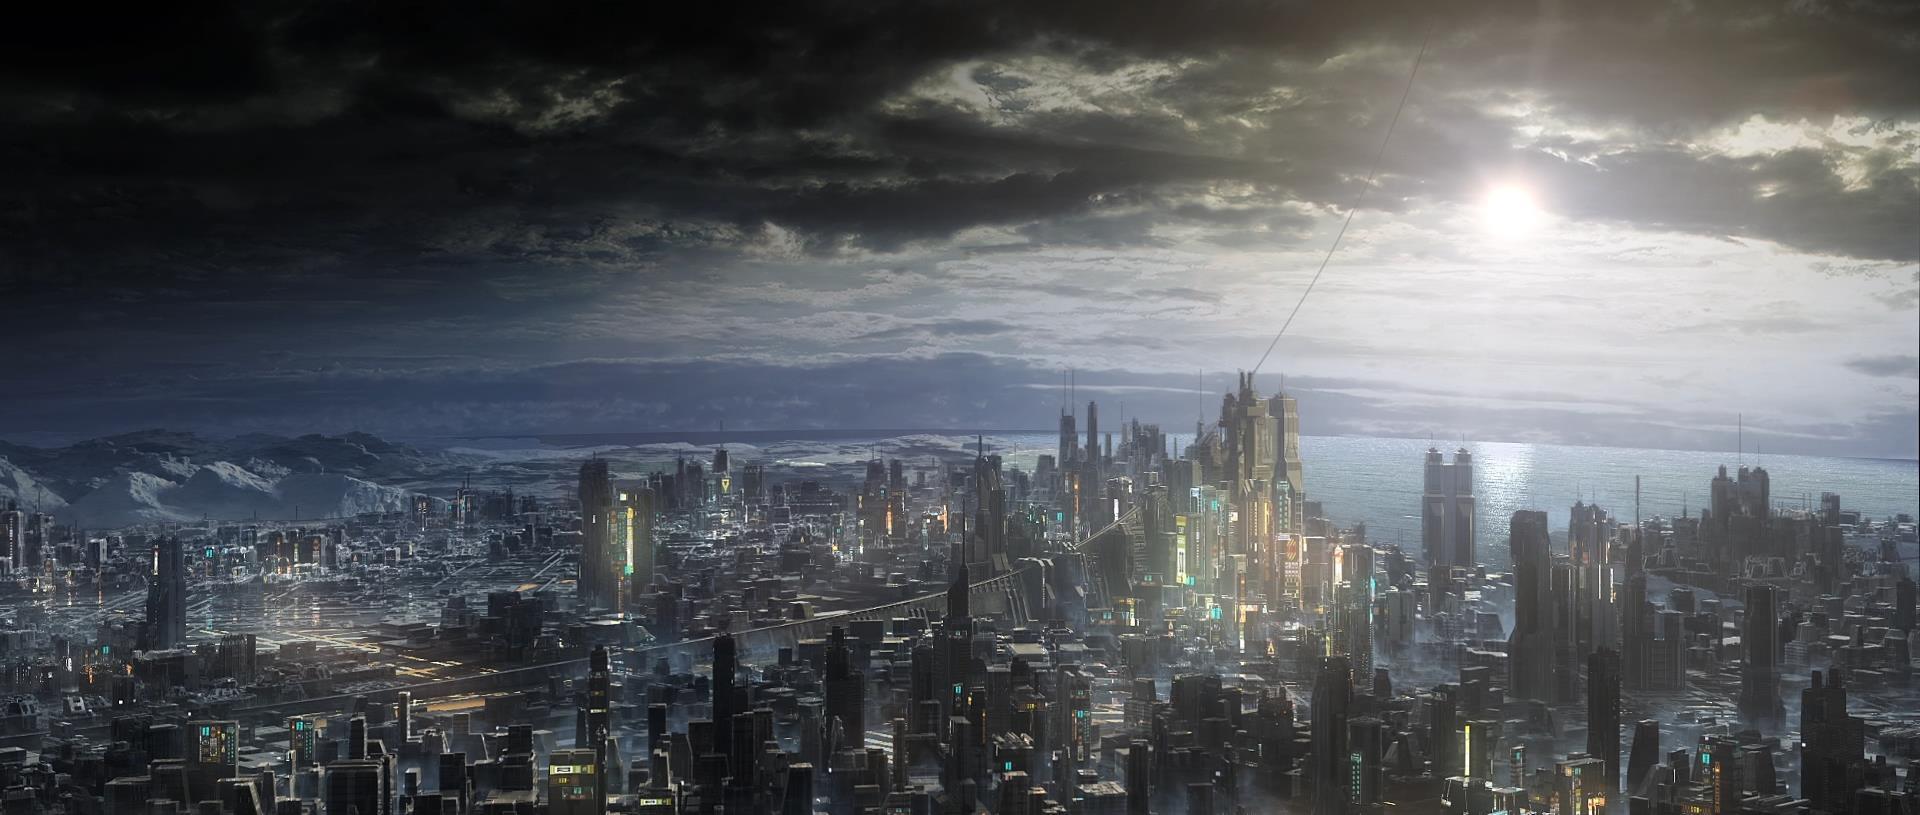 国创发布会被《三体》强势刷屏,世界级科幻巨著影视化引期待!